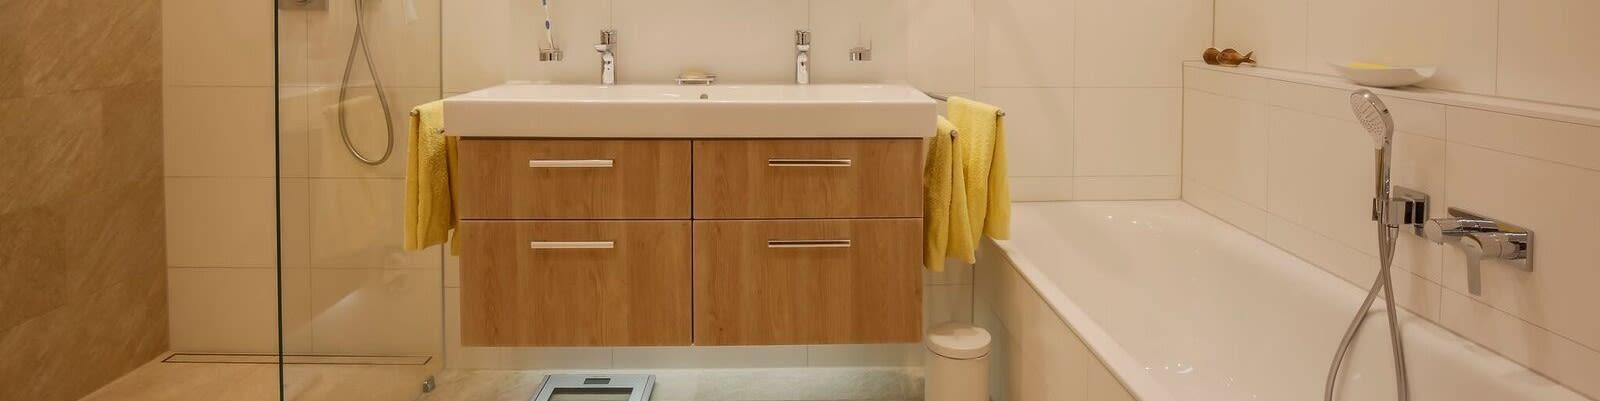 Bild von Waschbecken und Badewanne renoviert